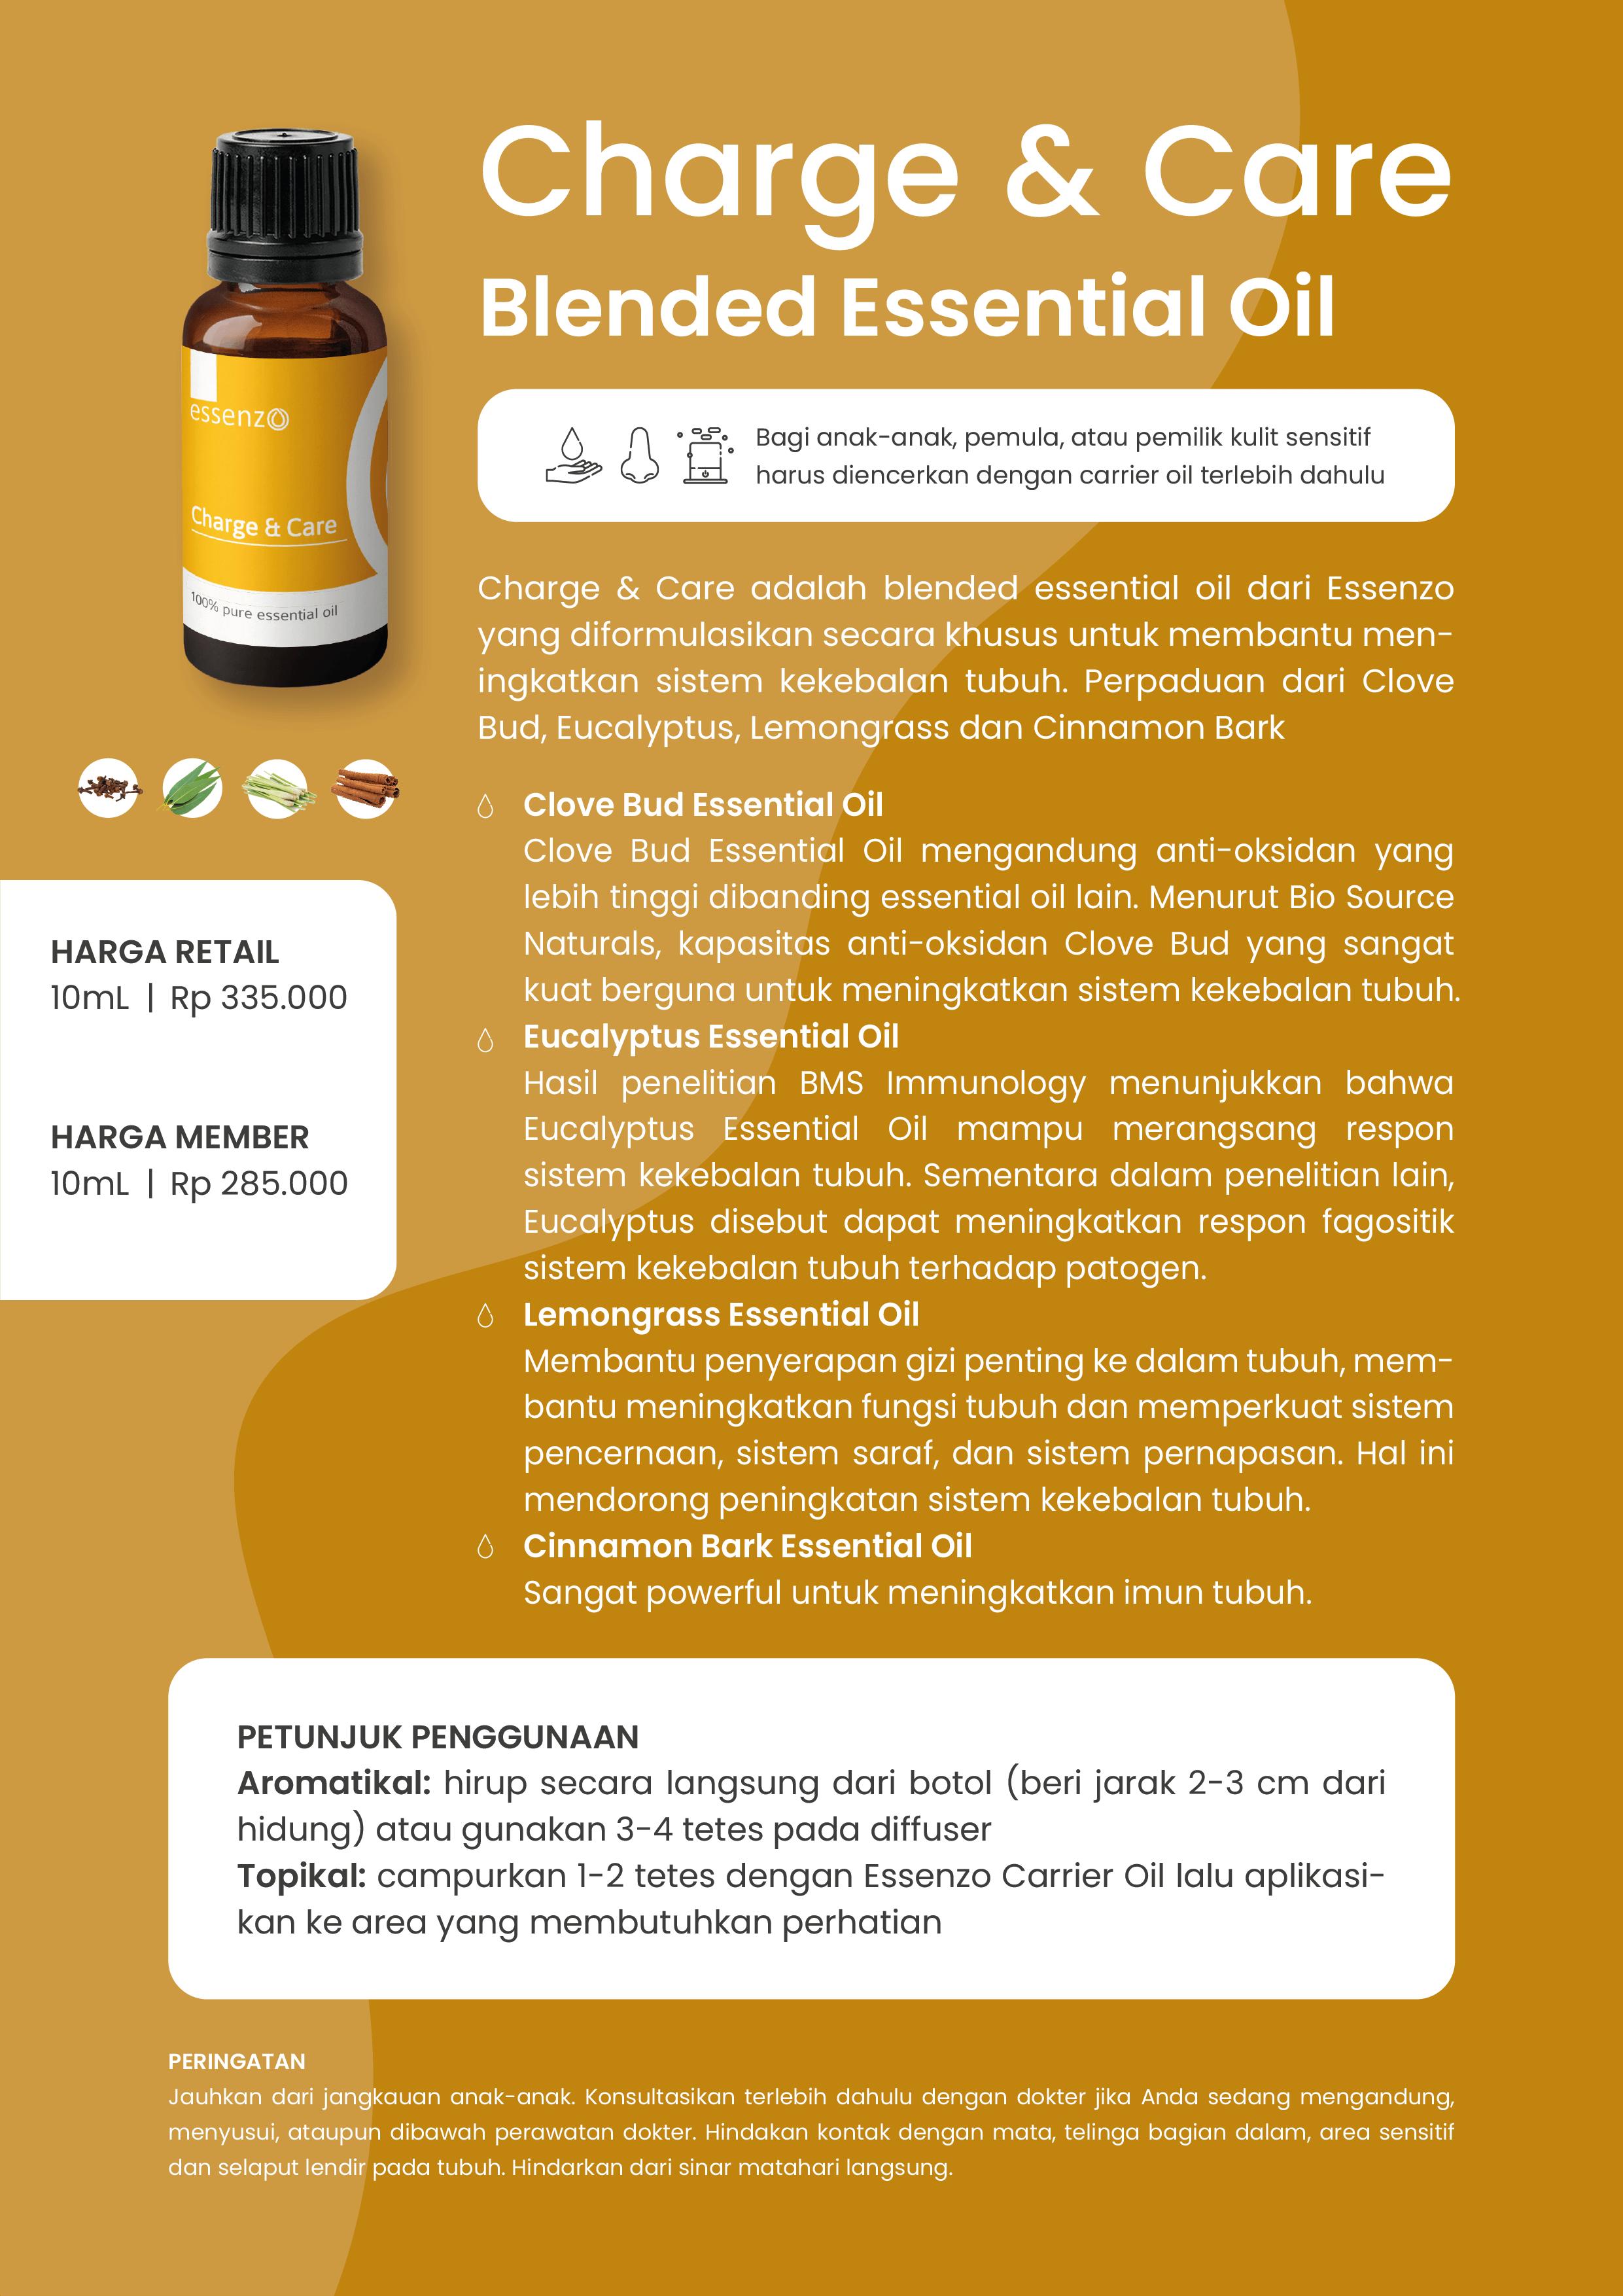 Minyak Essential Oil Untuk Menghilangkan Bekas Jerawat